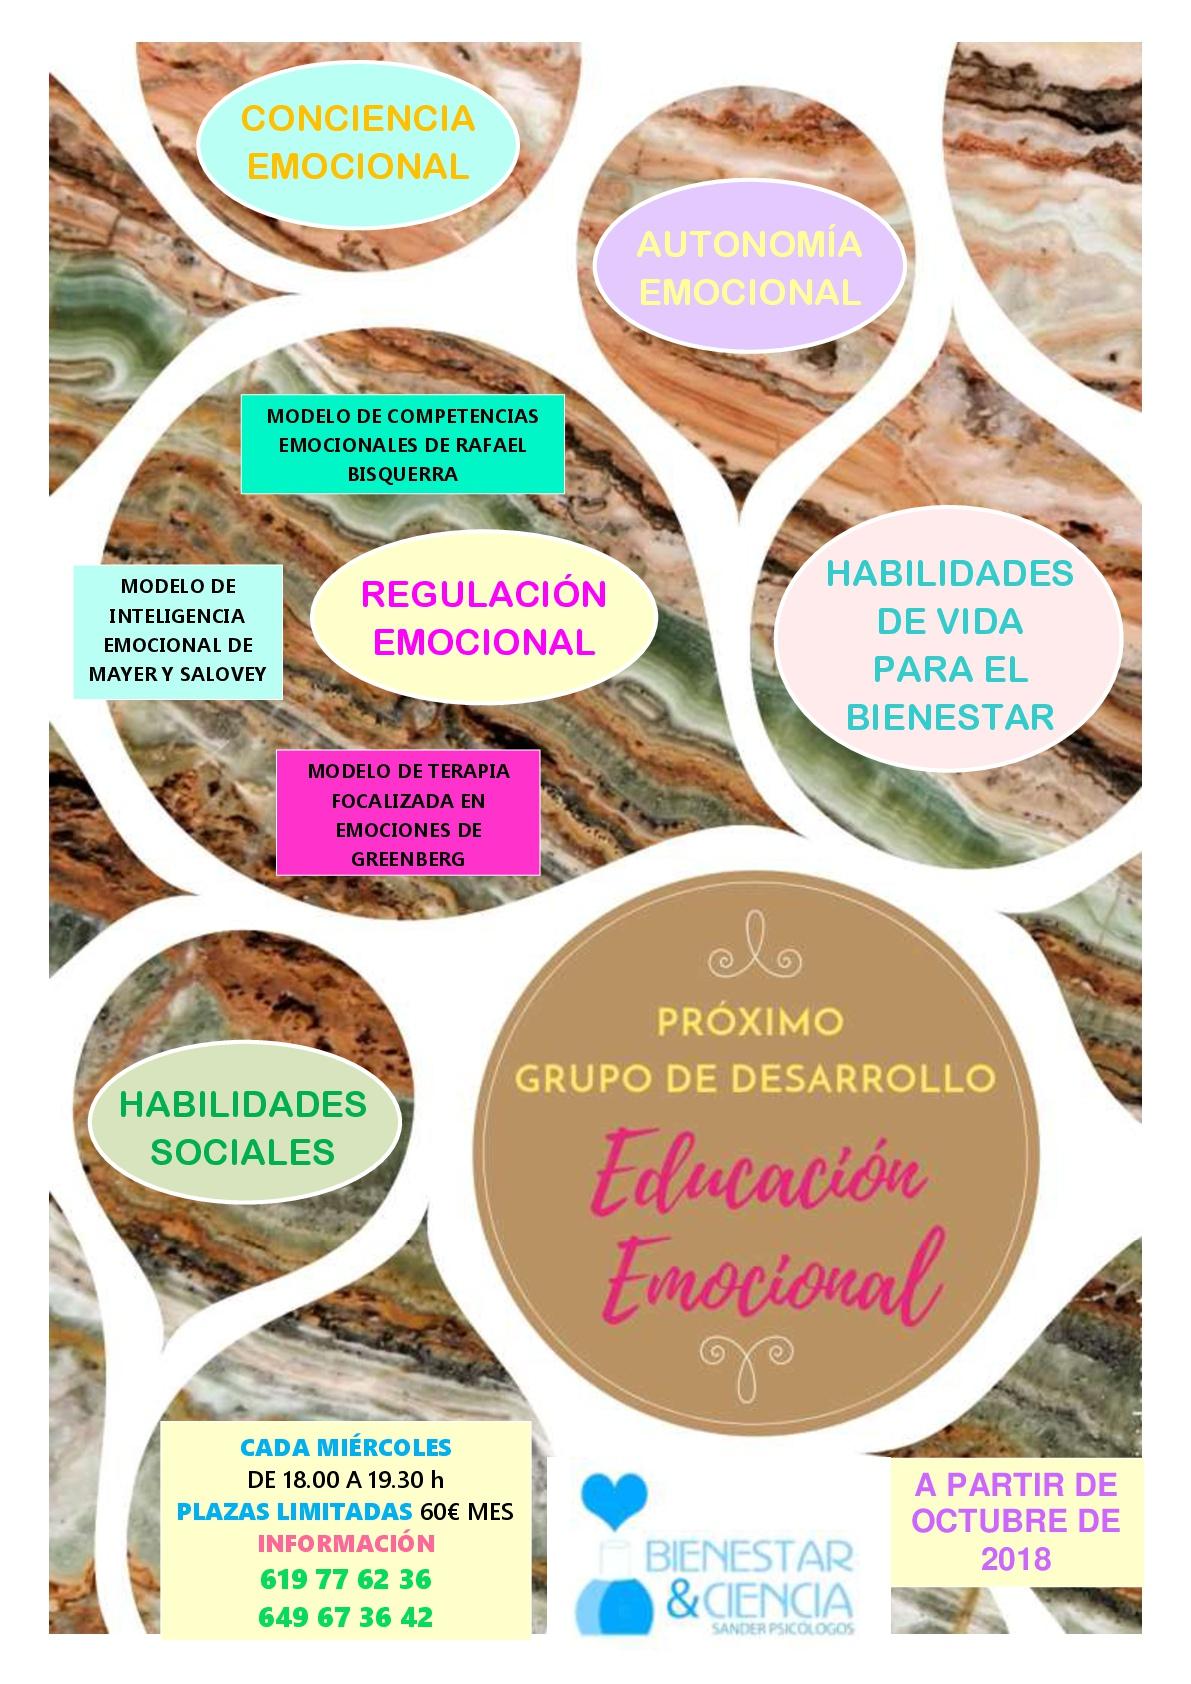 Grupo de desarrollo educación emocional